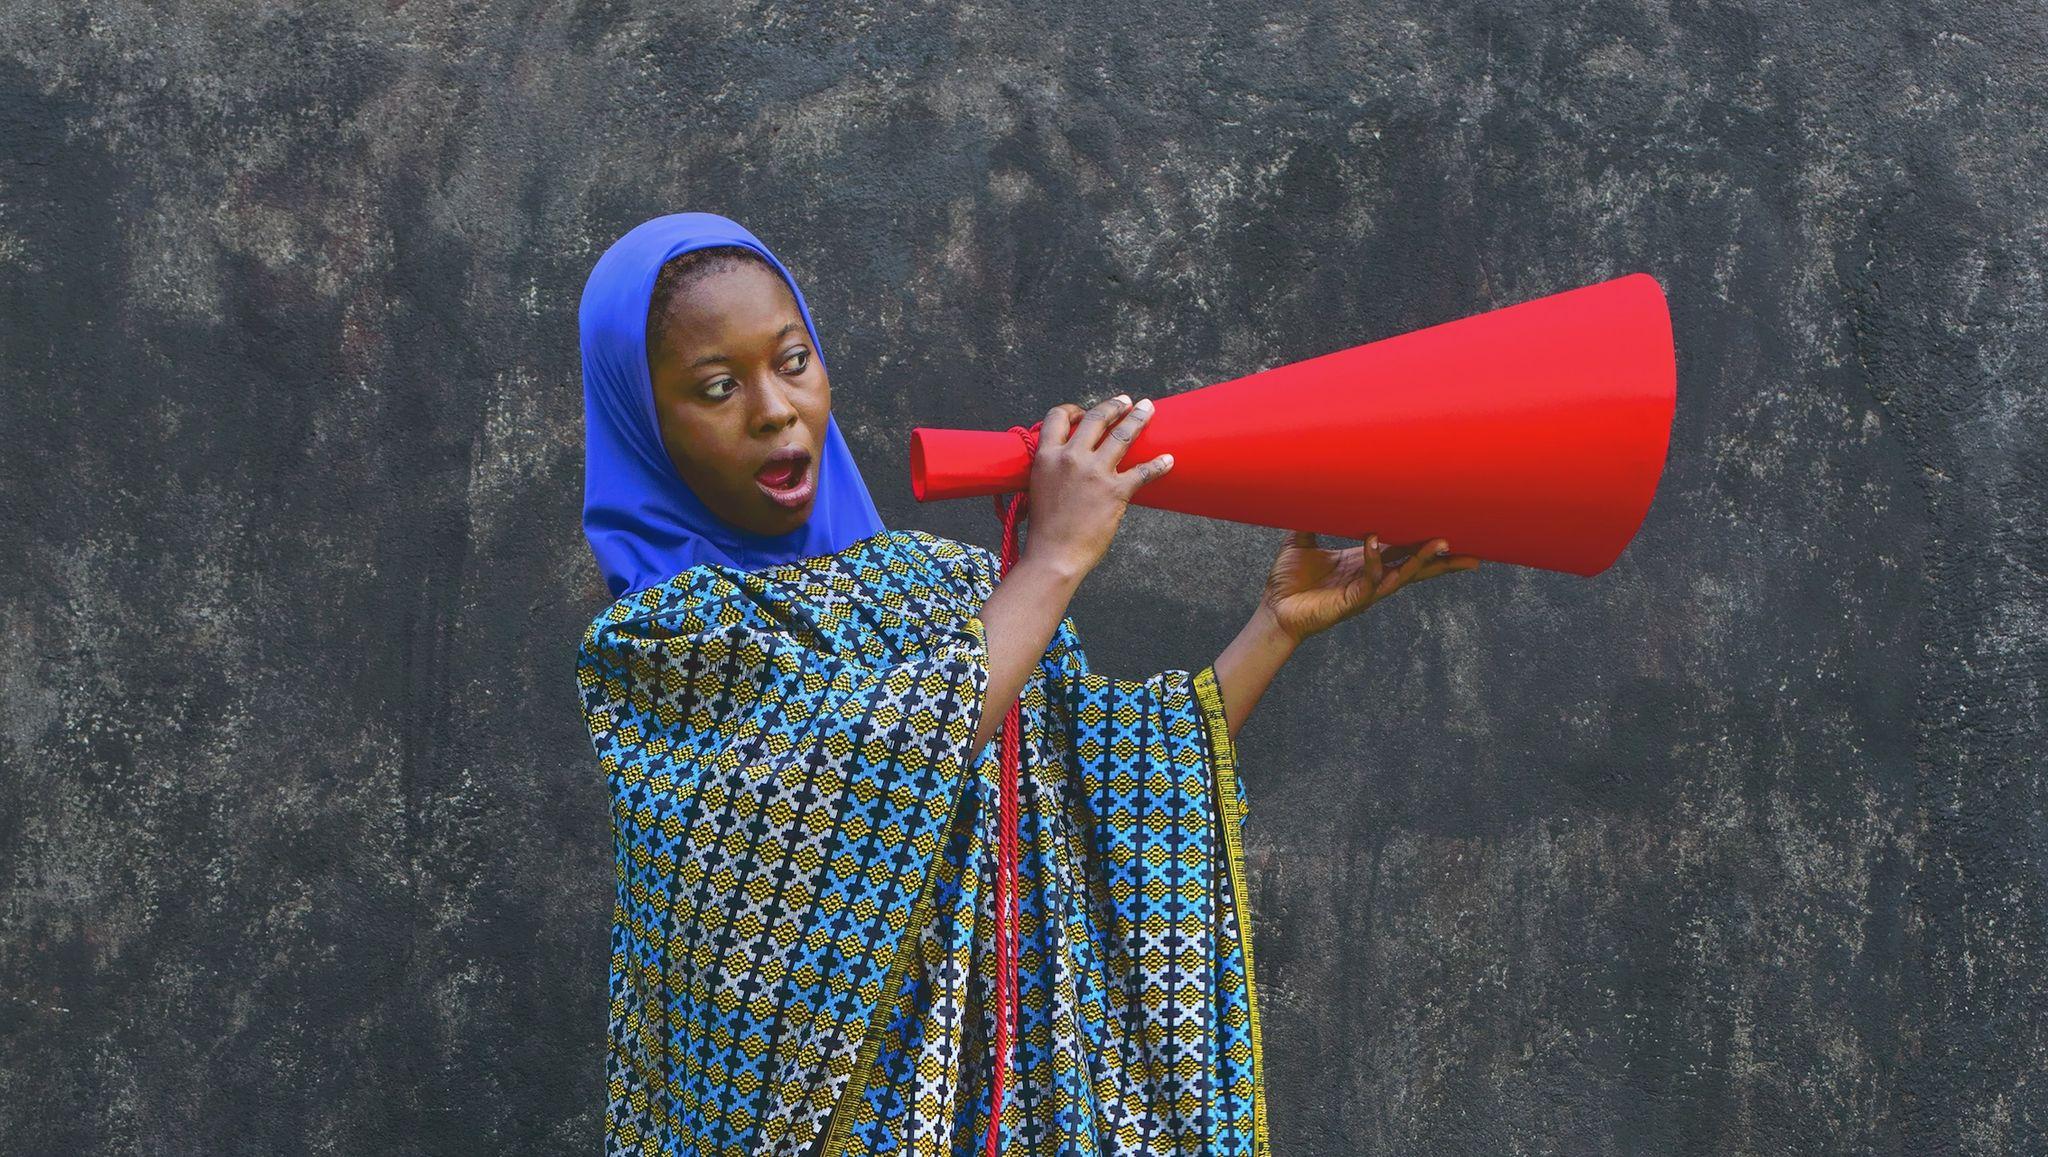 La spiritualità del mondo stanco di divisioni e barriere in mostra con le donne di Maïmouna Guerresi